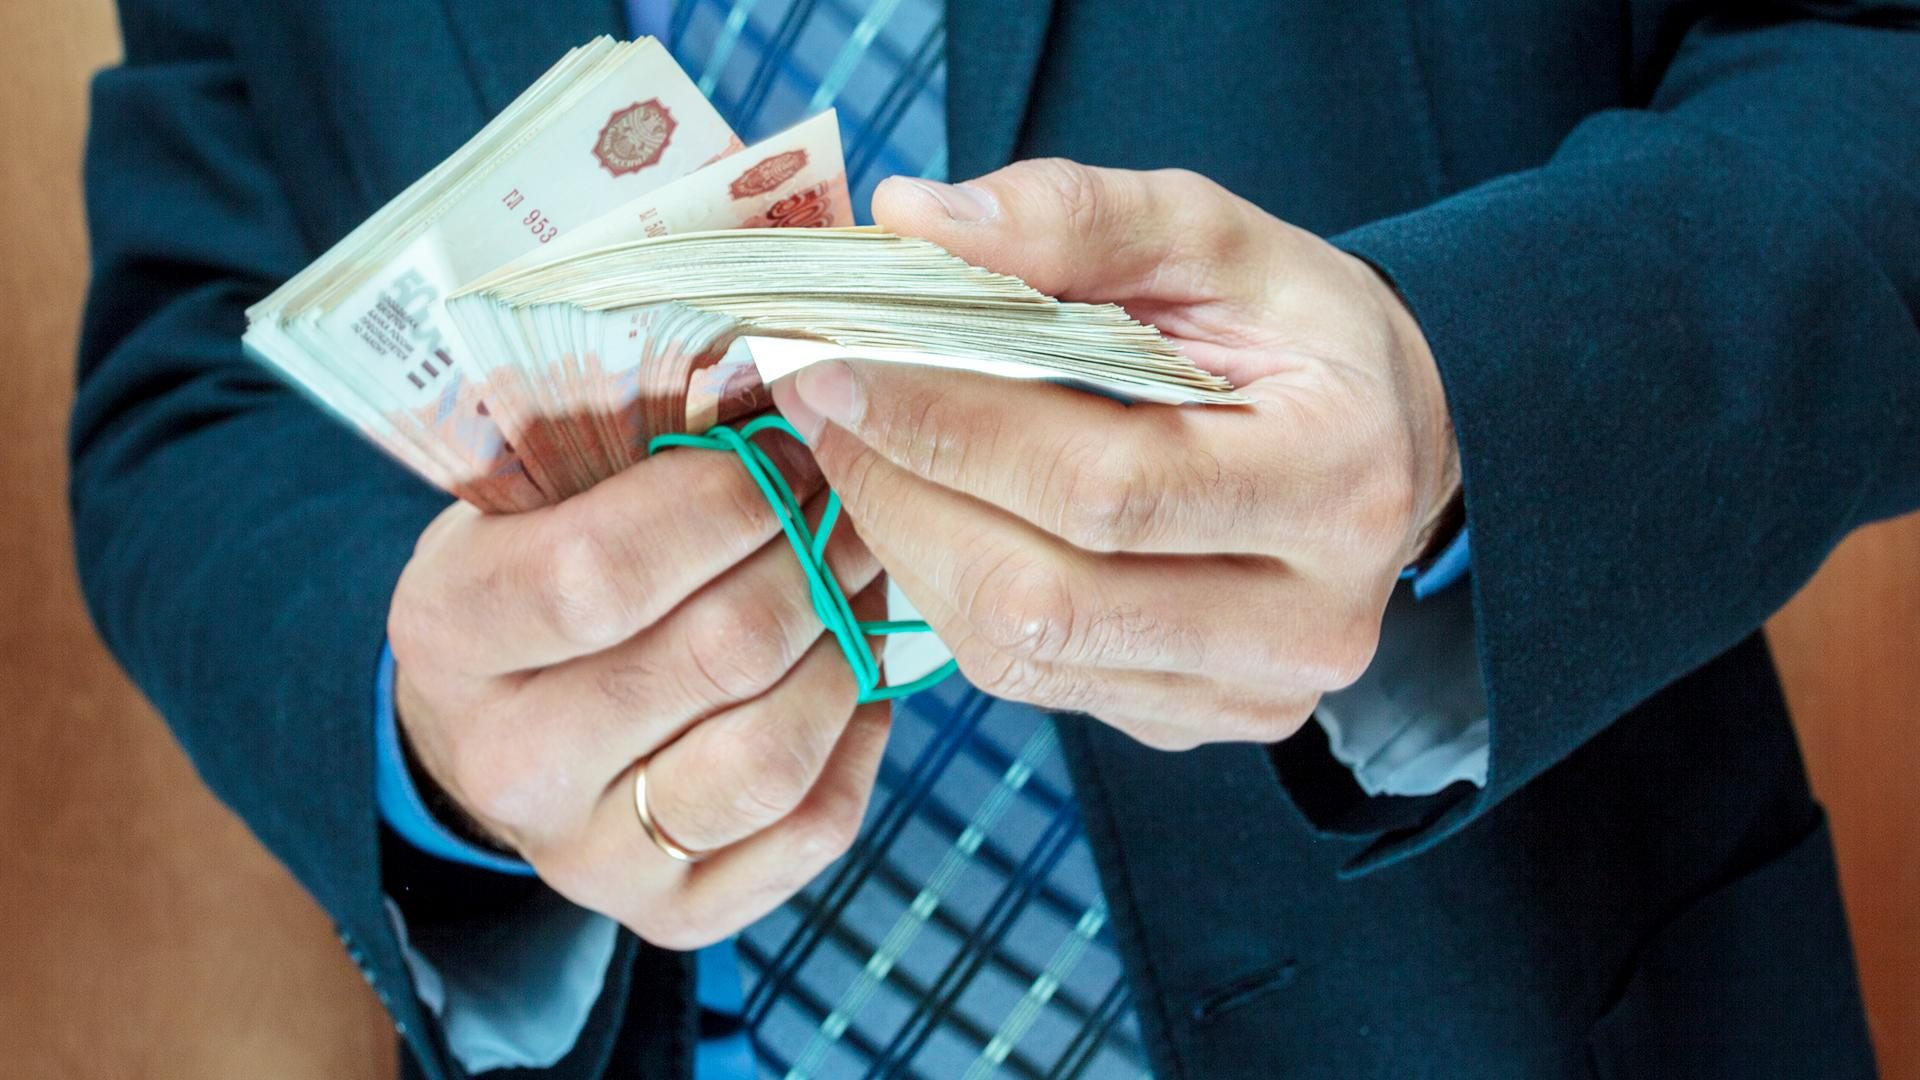 Где быстро взять денежный займ сберегательная касса и займ в абакане